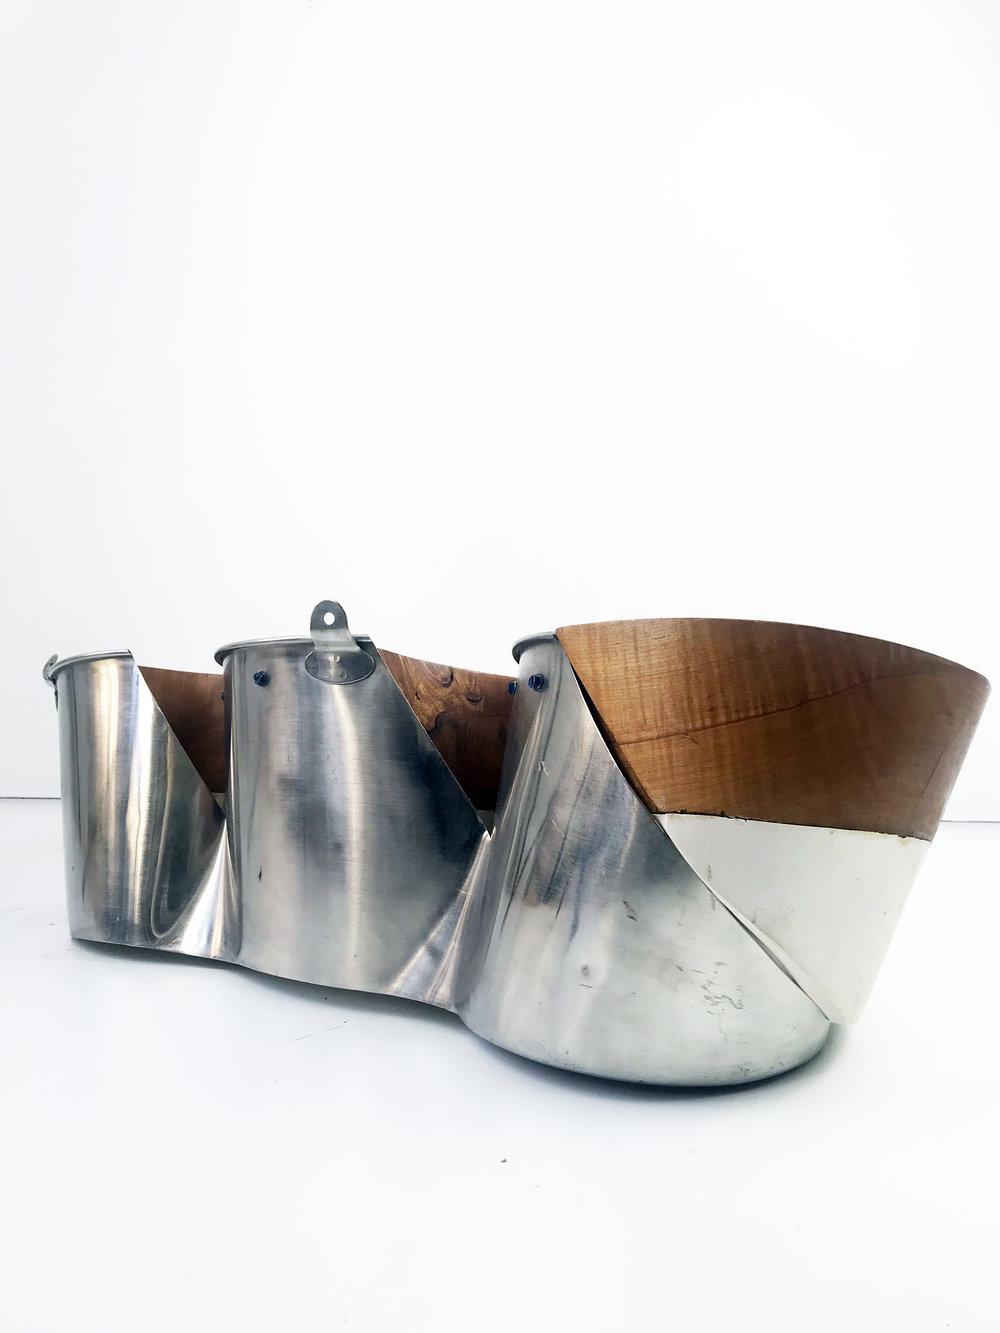 Steel Bucket, Plaster